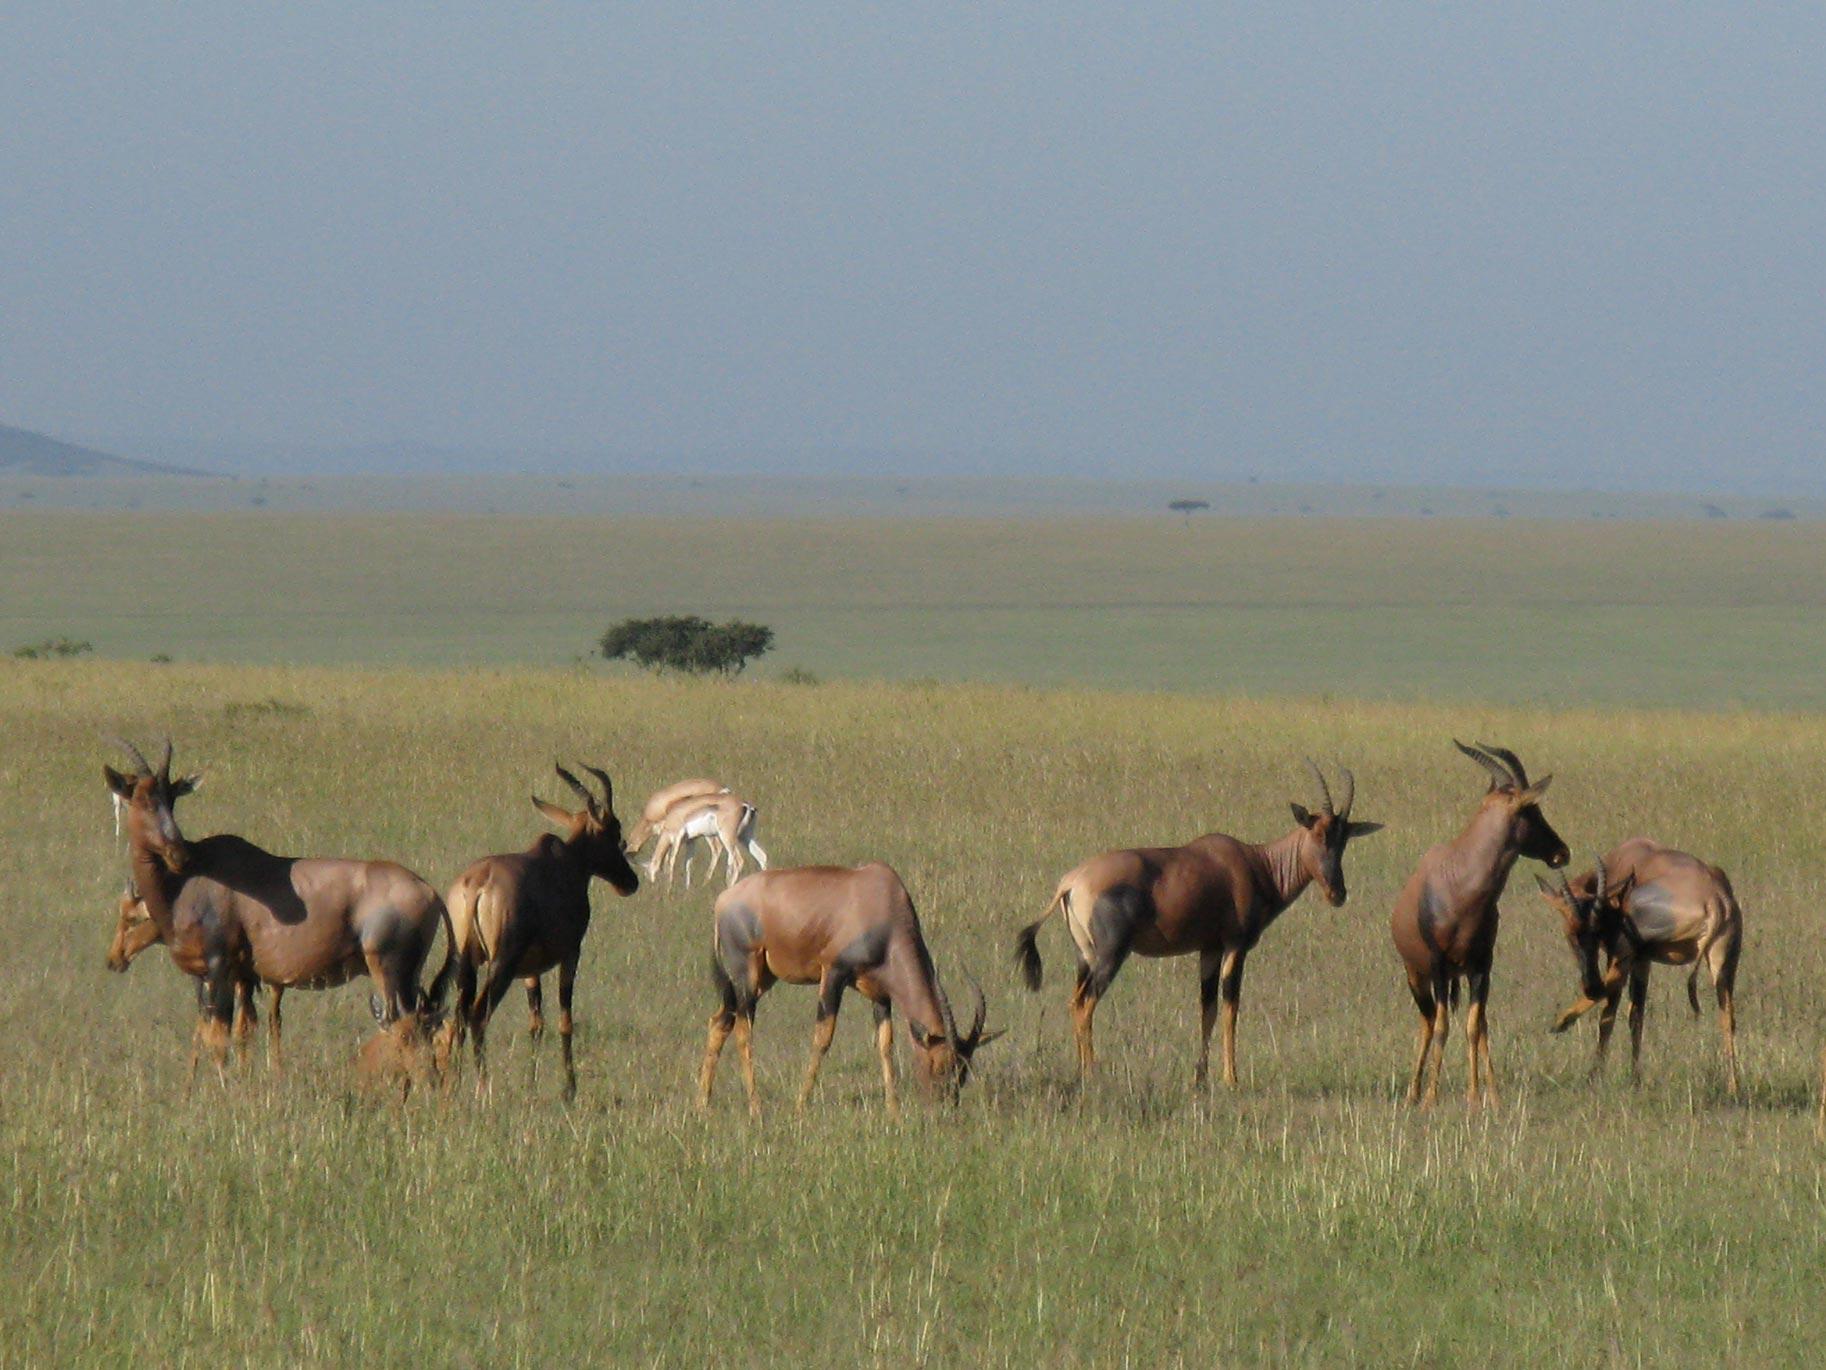 Maasai Mara Africa - Suzanne Vlamis Photography